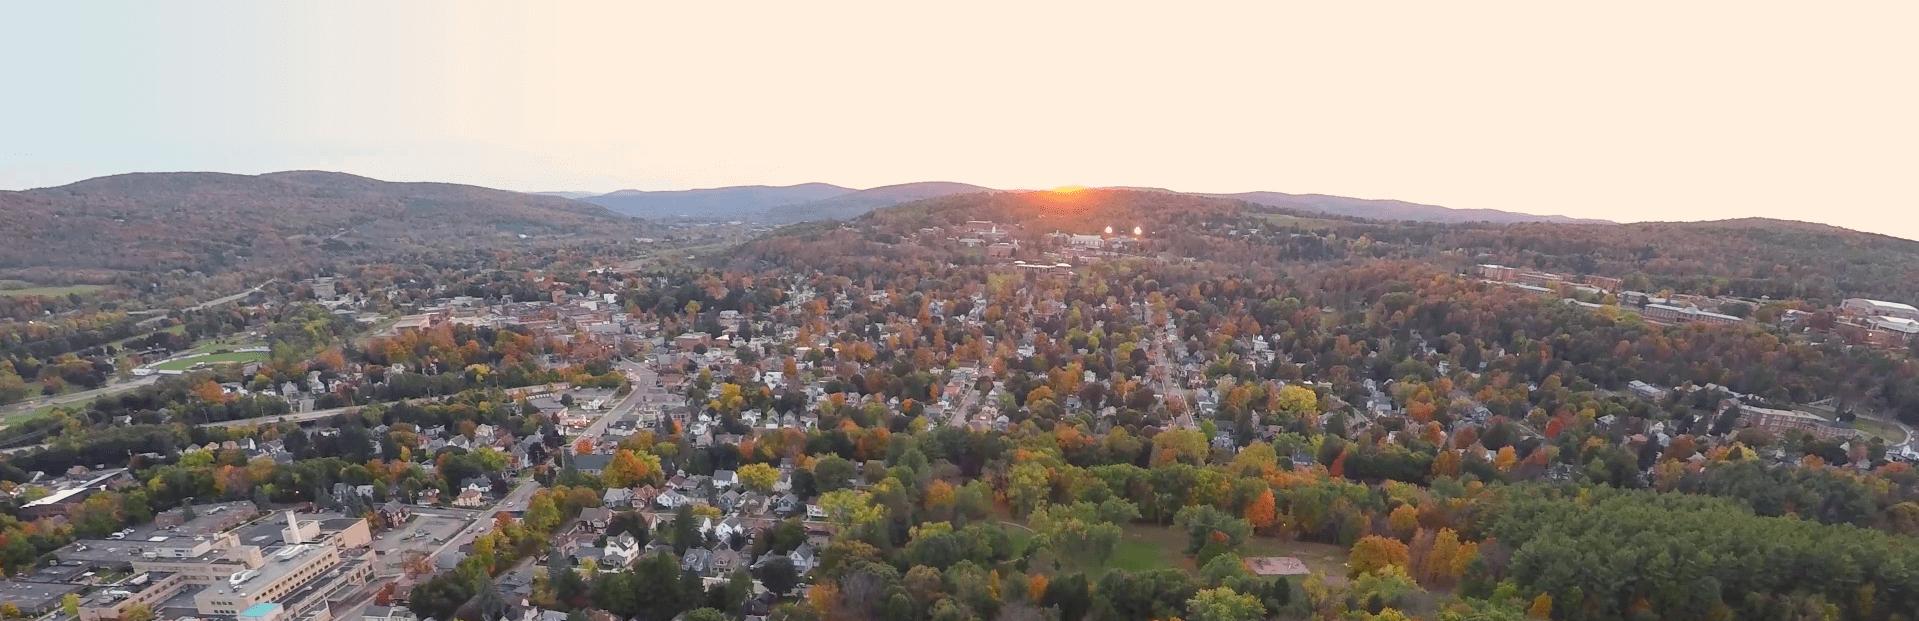 Oneonta, NY